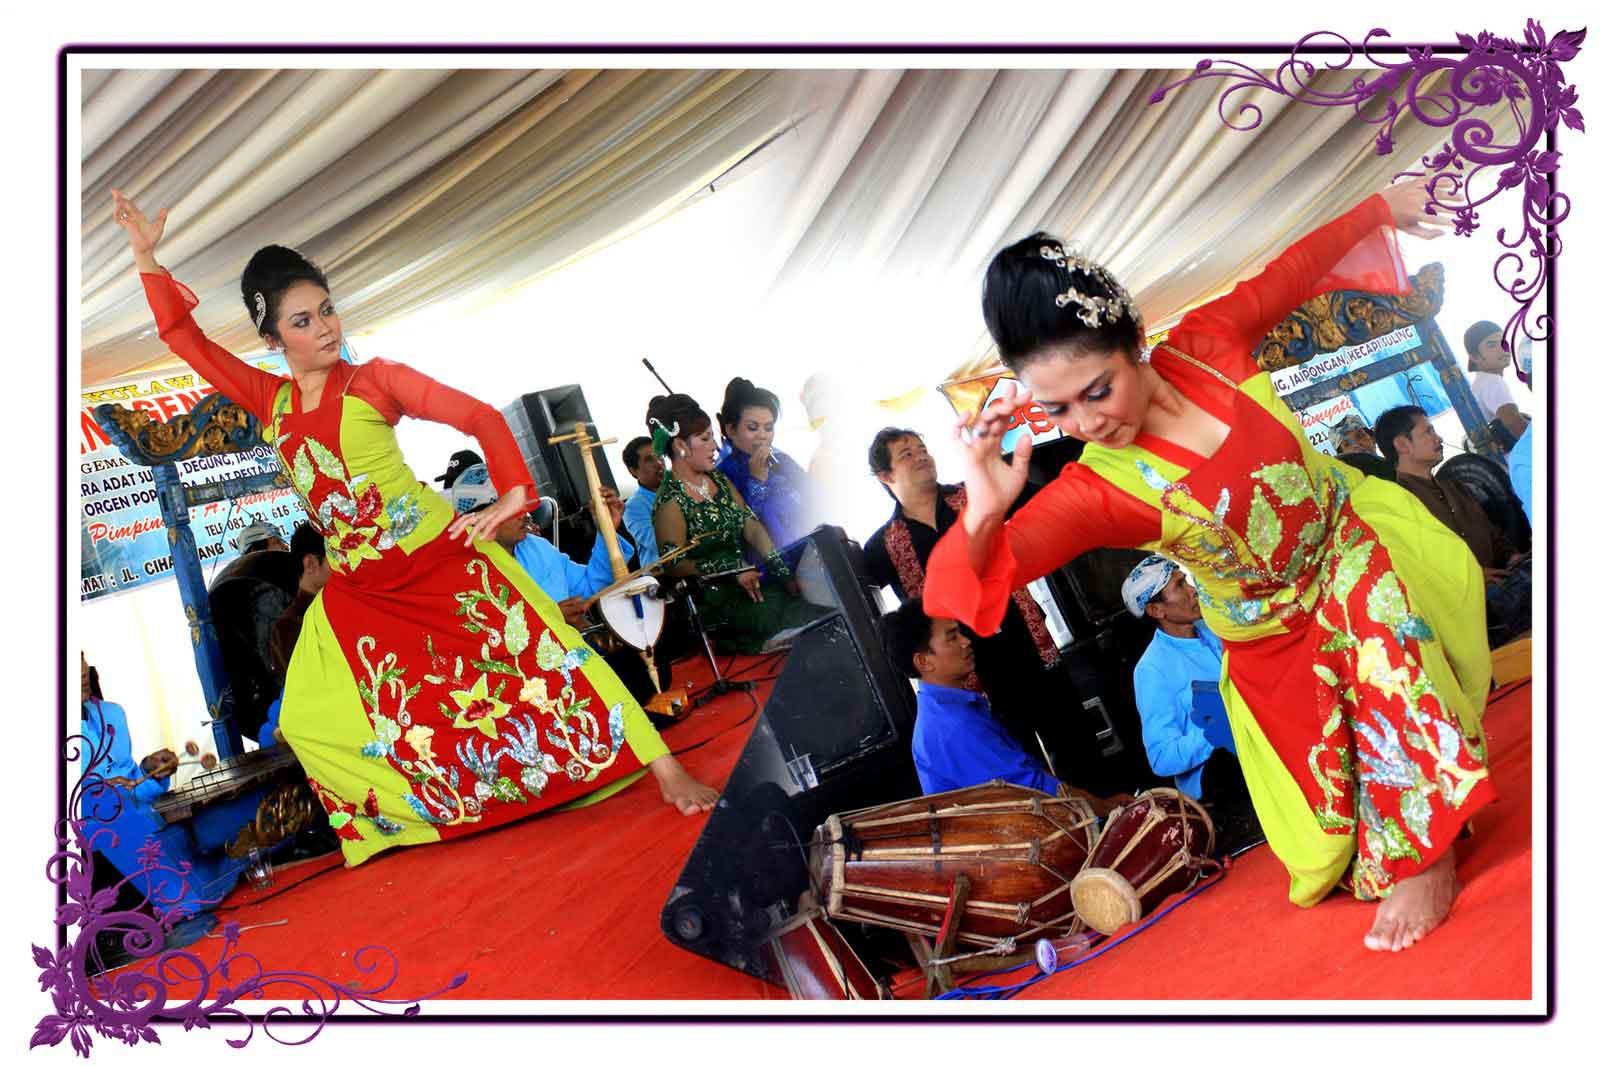 ... adalah Jenis Kesenian atau tarian di Jawa Barat Yakni Tari Jaipong